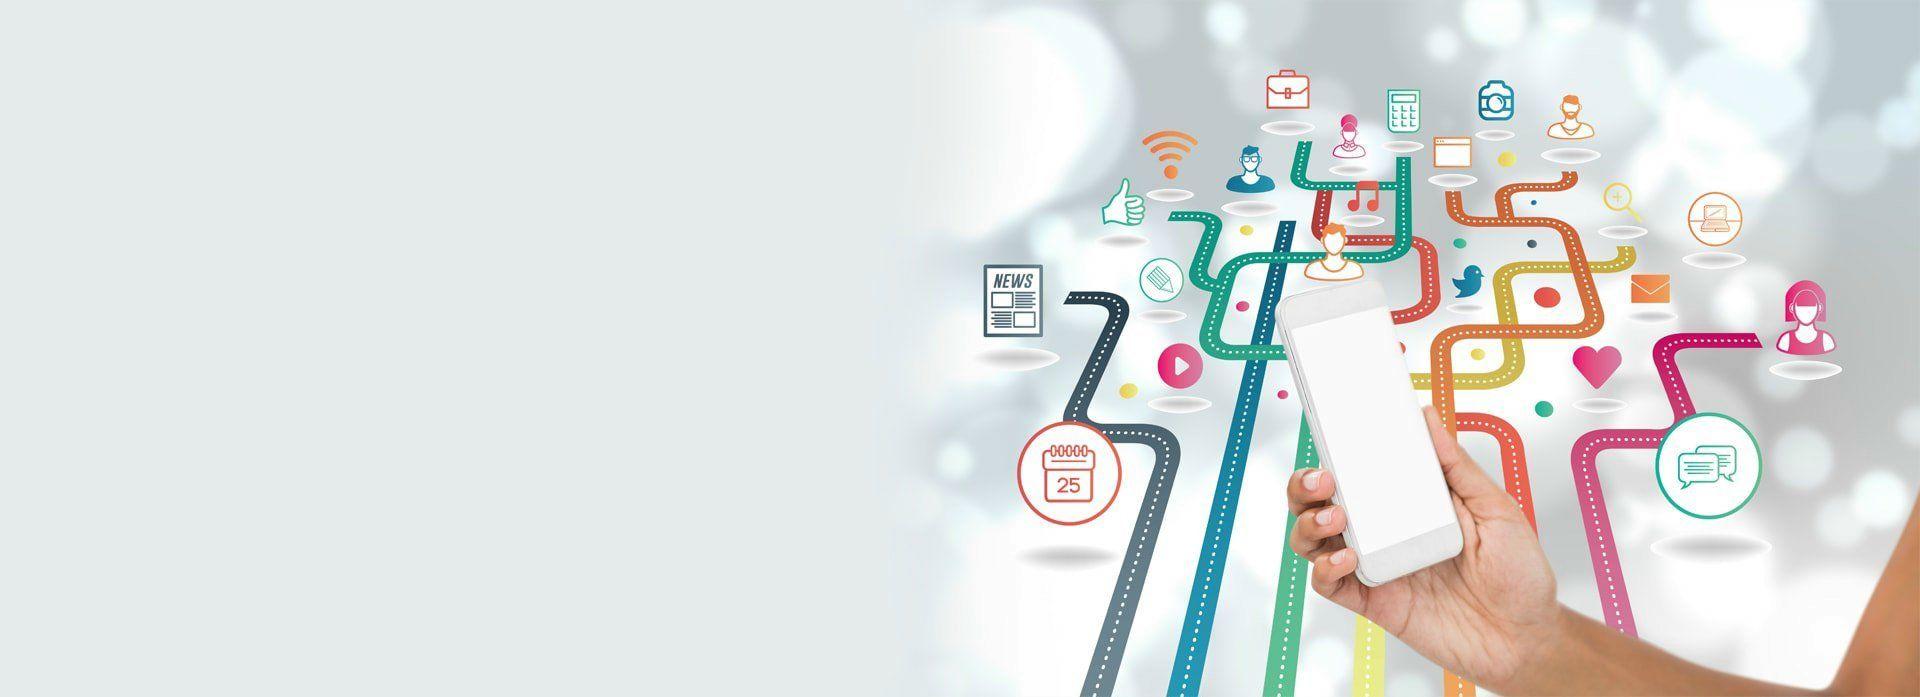 4-min-digital-marketing